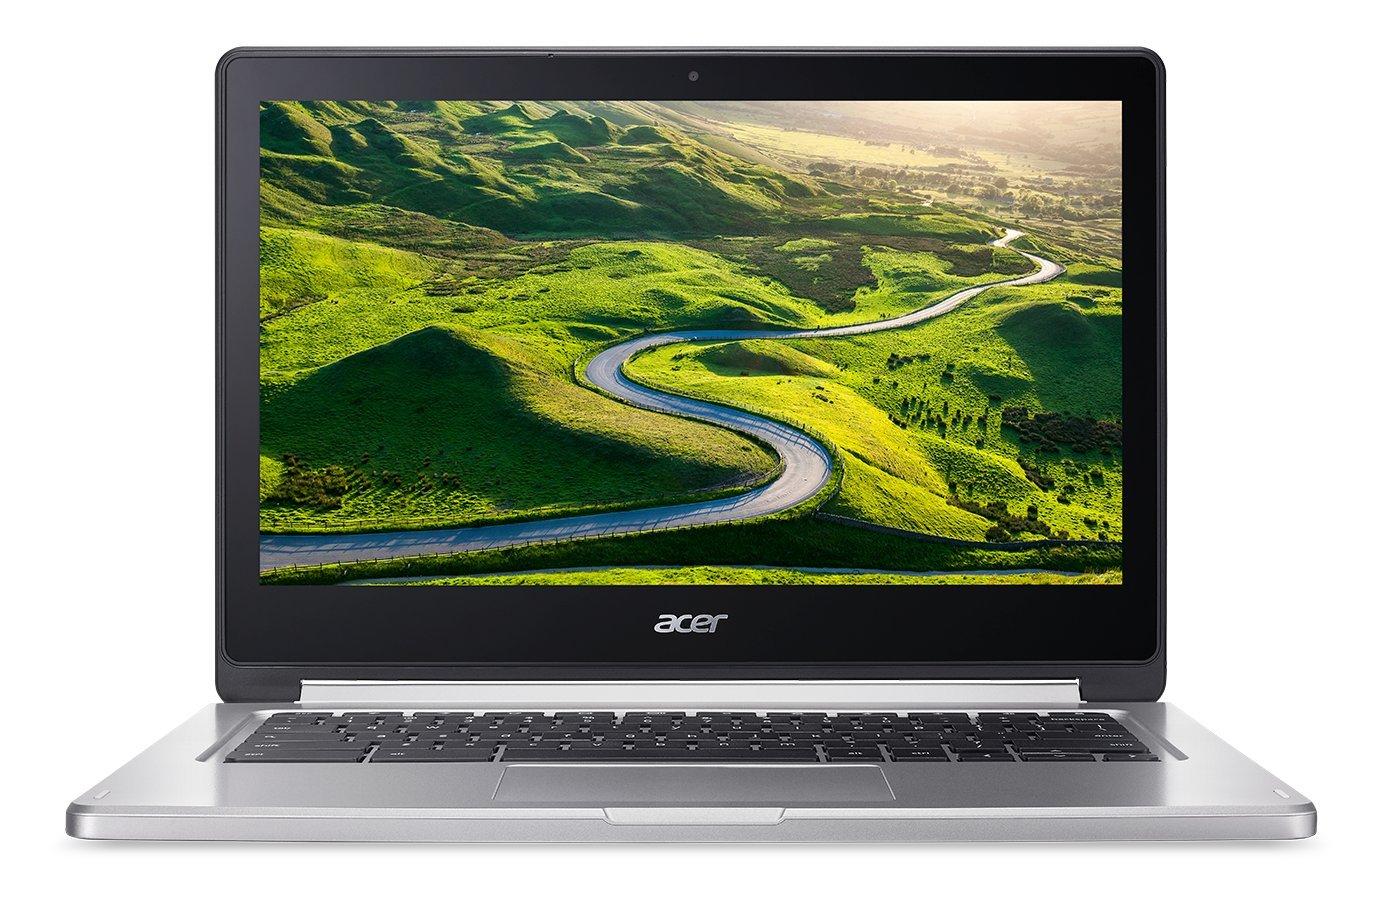 """PC Portable 13.3"""" Acer Chromebook CB5-312T - MediaTek Quad-Core, 4 Go de RAM (31,9€ remboursés sur prochaine commande)"""